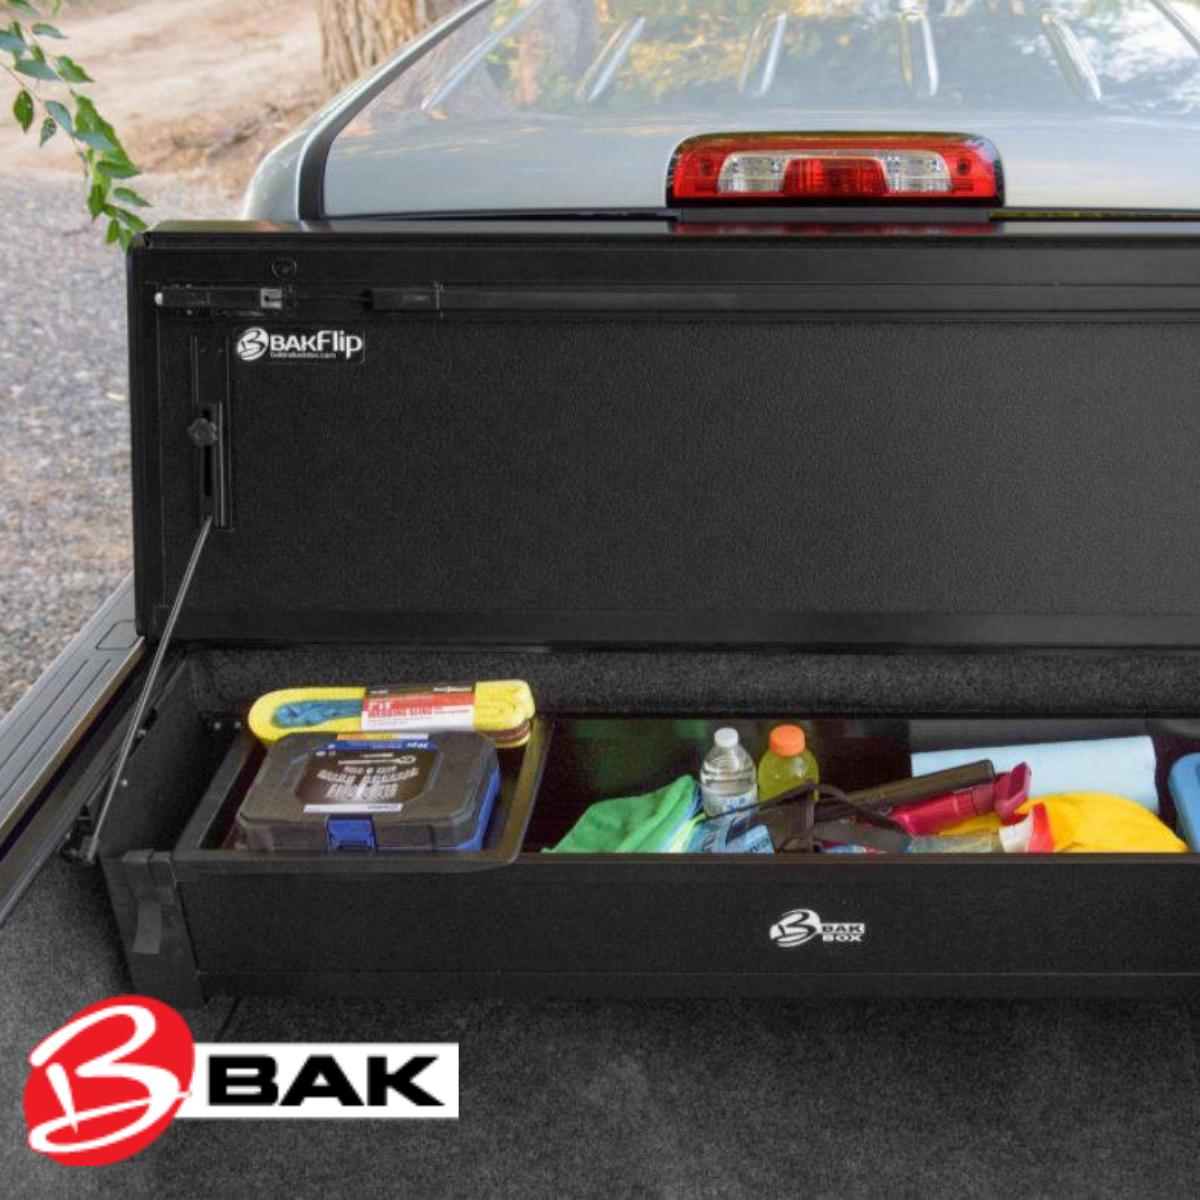 BAK Storage